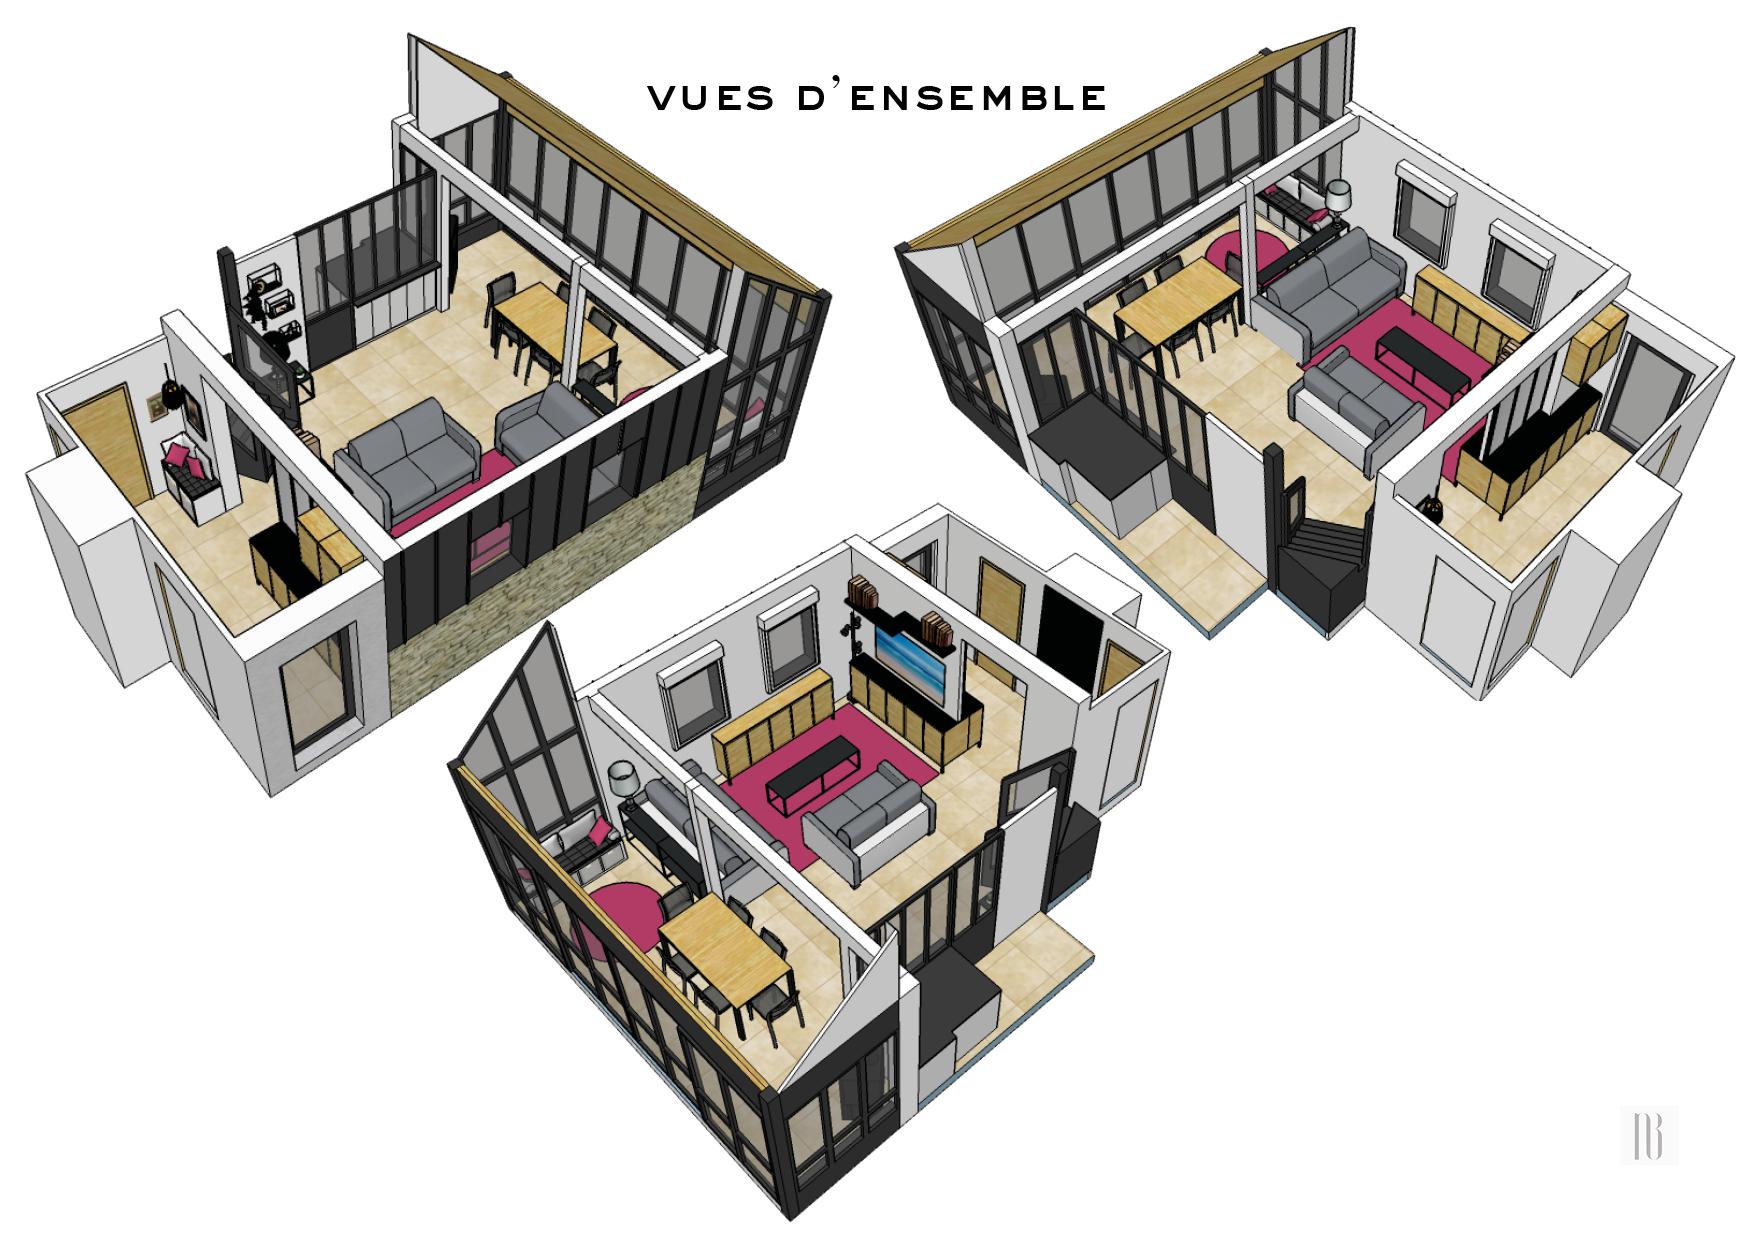 Nathalie Bossard décoration architecture intérieur Rennes 35 UFDI-390 Book déco maison individuelle bretagne sud 2019 planche mobilier et matériaux entrée lumineuse 3D